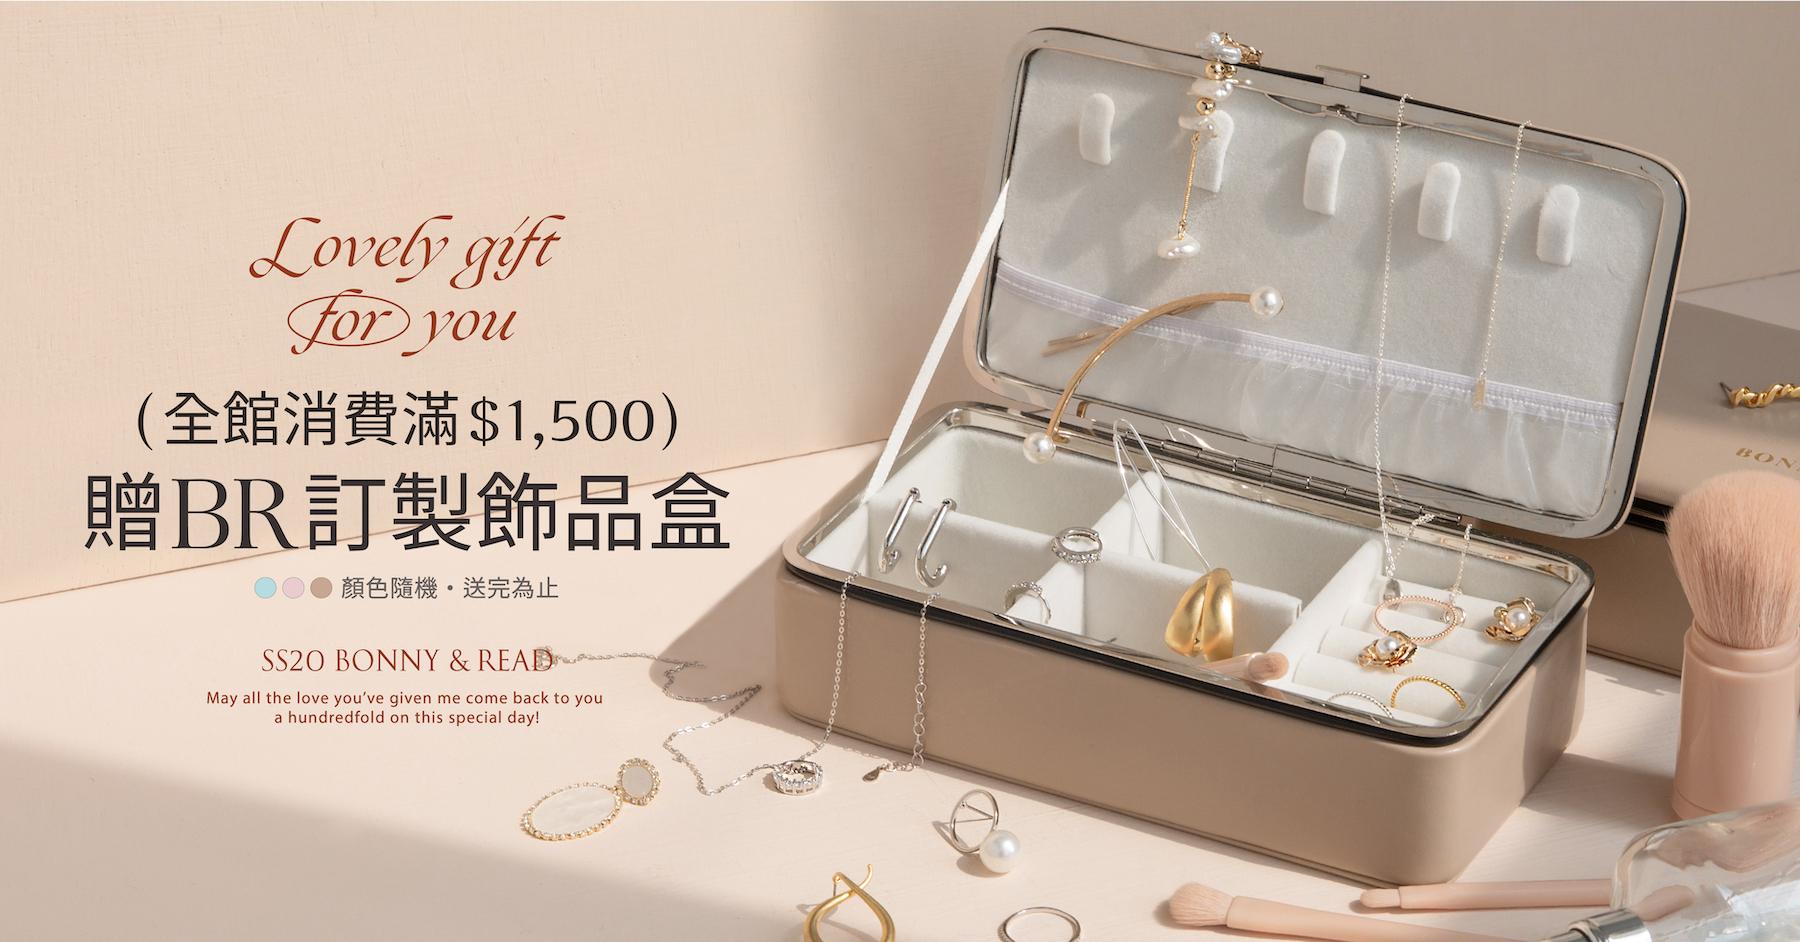 母親節限時優惠 - 滿 NT$1500 贈 皮革訂製飾品收納盒